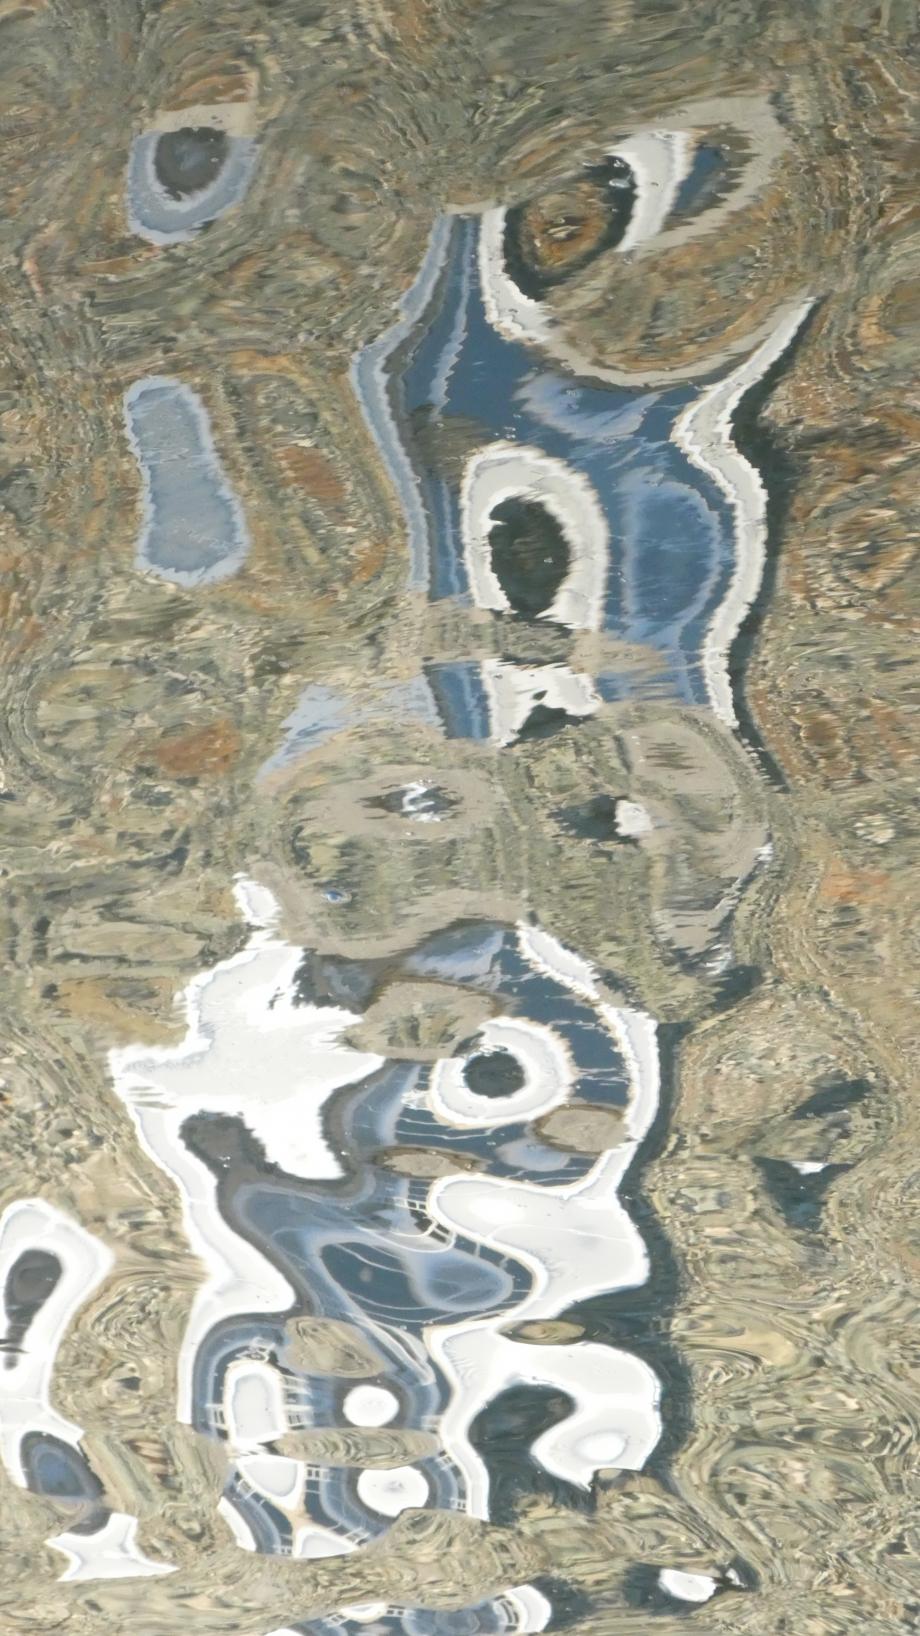 Miroir etang dahouet Sept2020 027.JPG